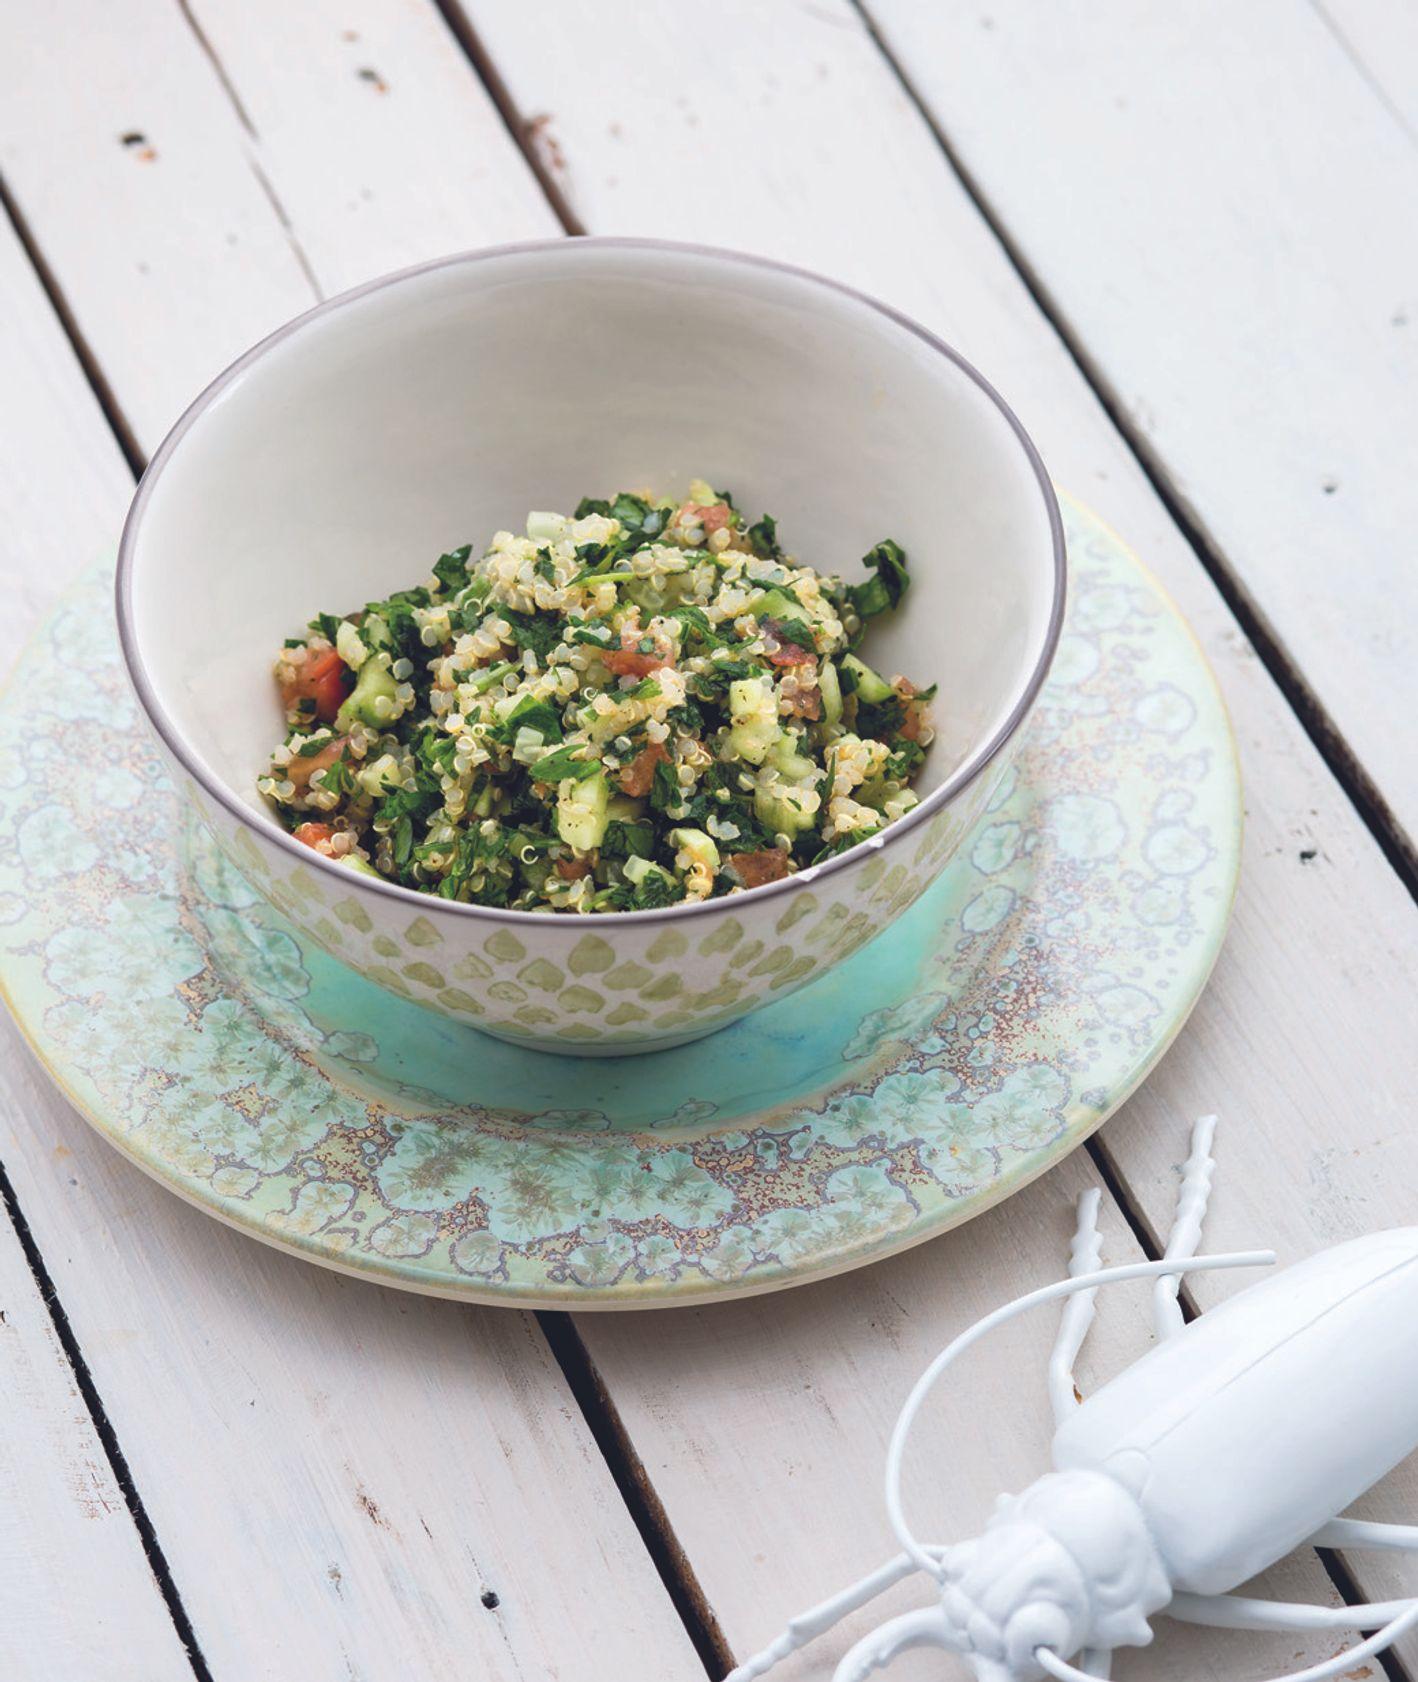 Sałatka tabbouleh z komosy ryżowej z pomidorem, z miętą i z natką pietruszki, przepis i zdjęcie Kasia Bem